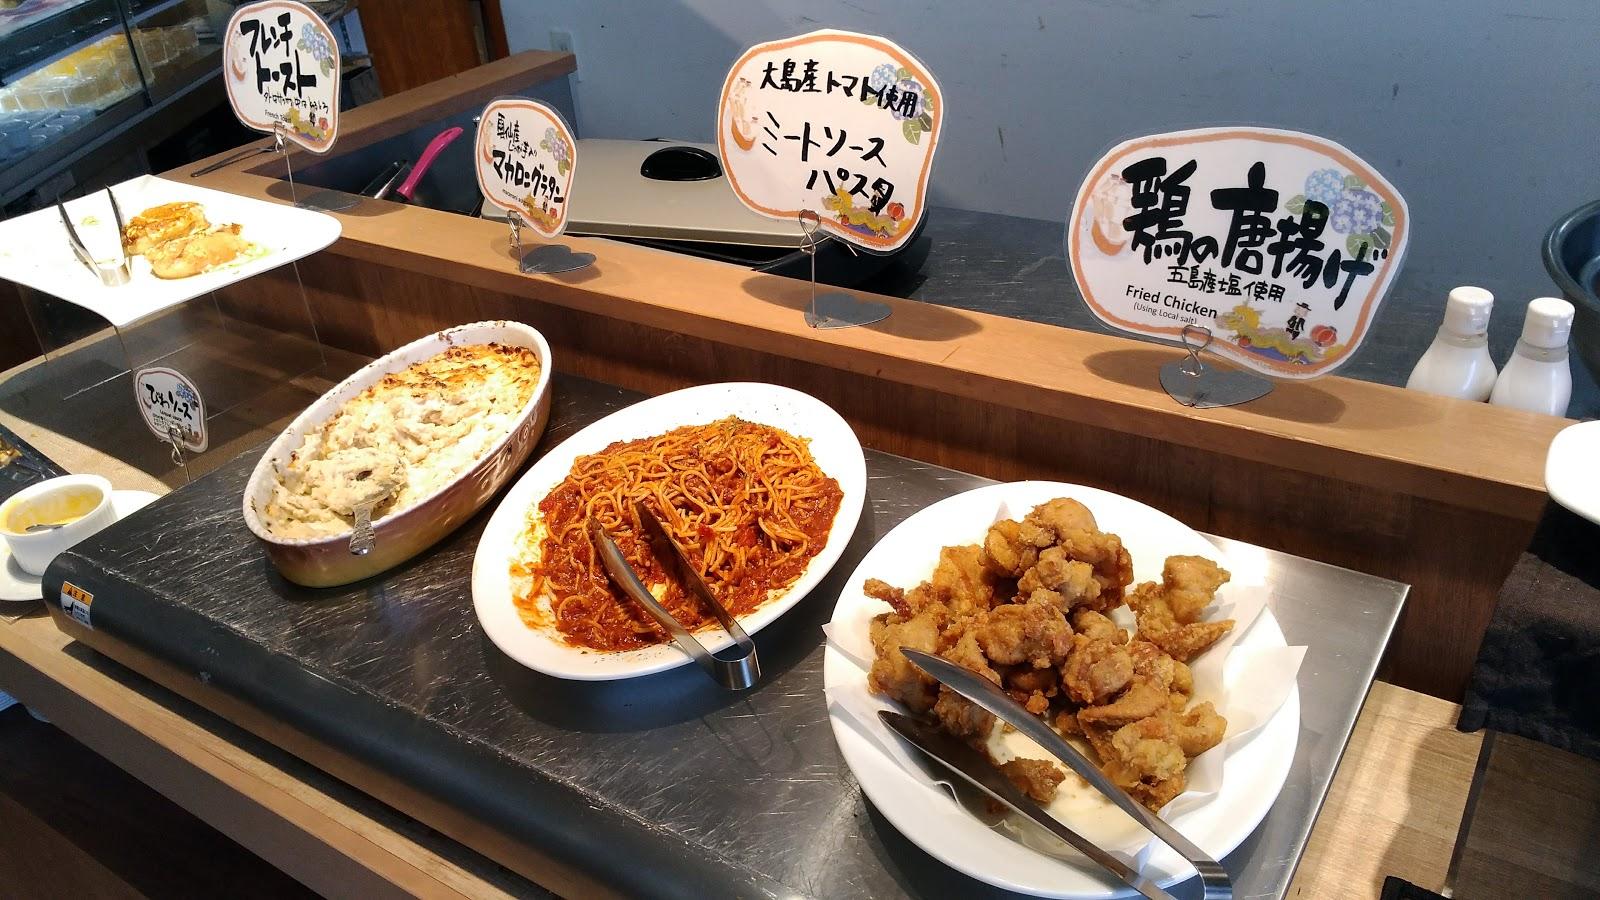 野の葡萄 アミュプラザ長崎店【長崎を喰いつくせ!】長崎グルメが堪能できます!